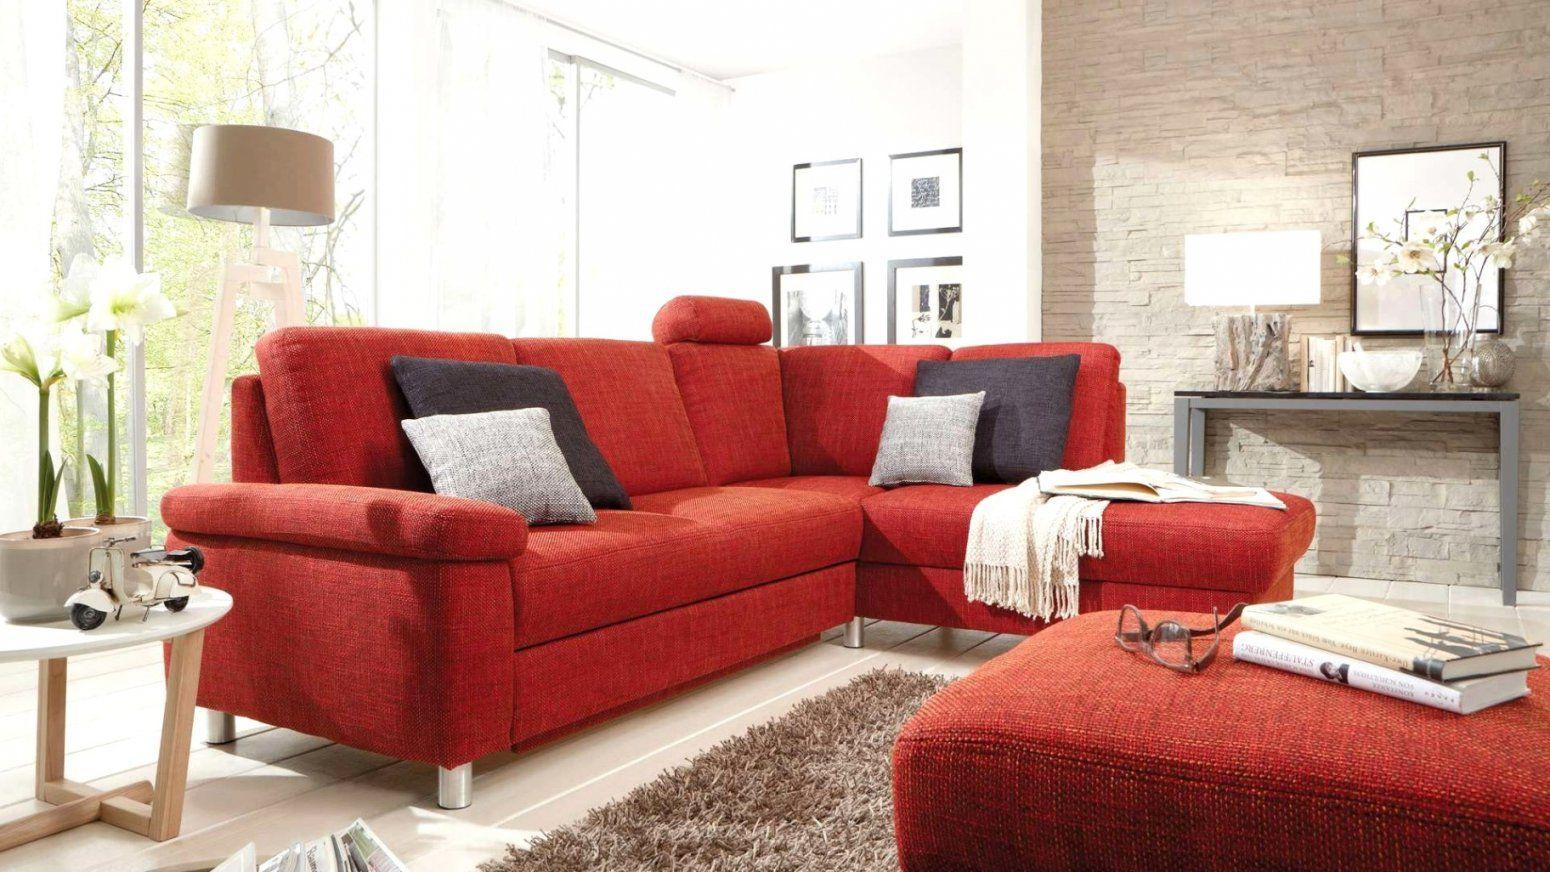 36 Elegant Wohnzimmer Ideen Für Kleine Räume Galerie Ideen von Polsterecke Für Kleine Räume Bild